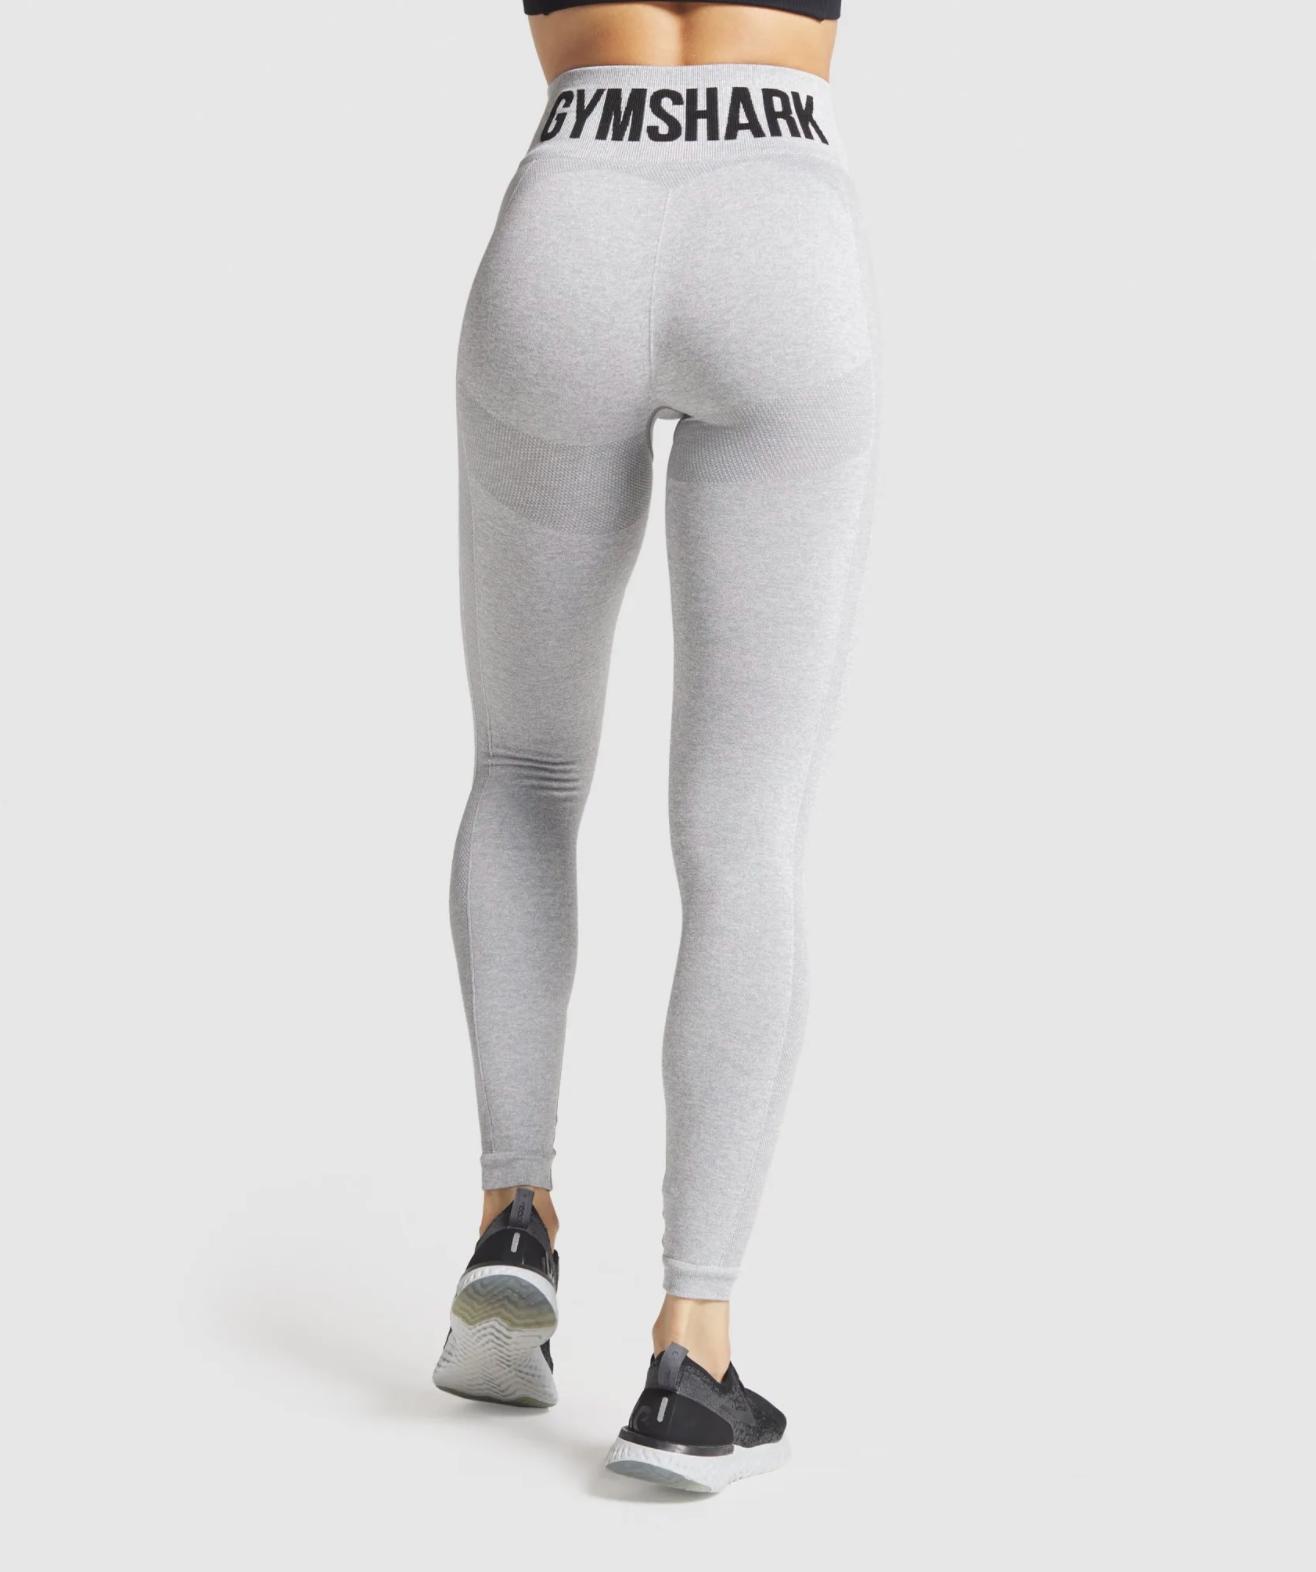 Gymshark flex high waisted leggings light grey